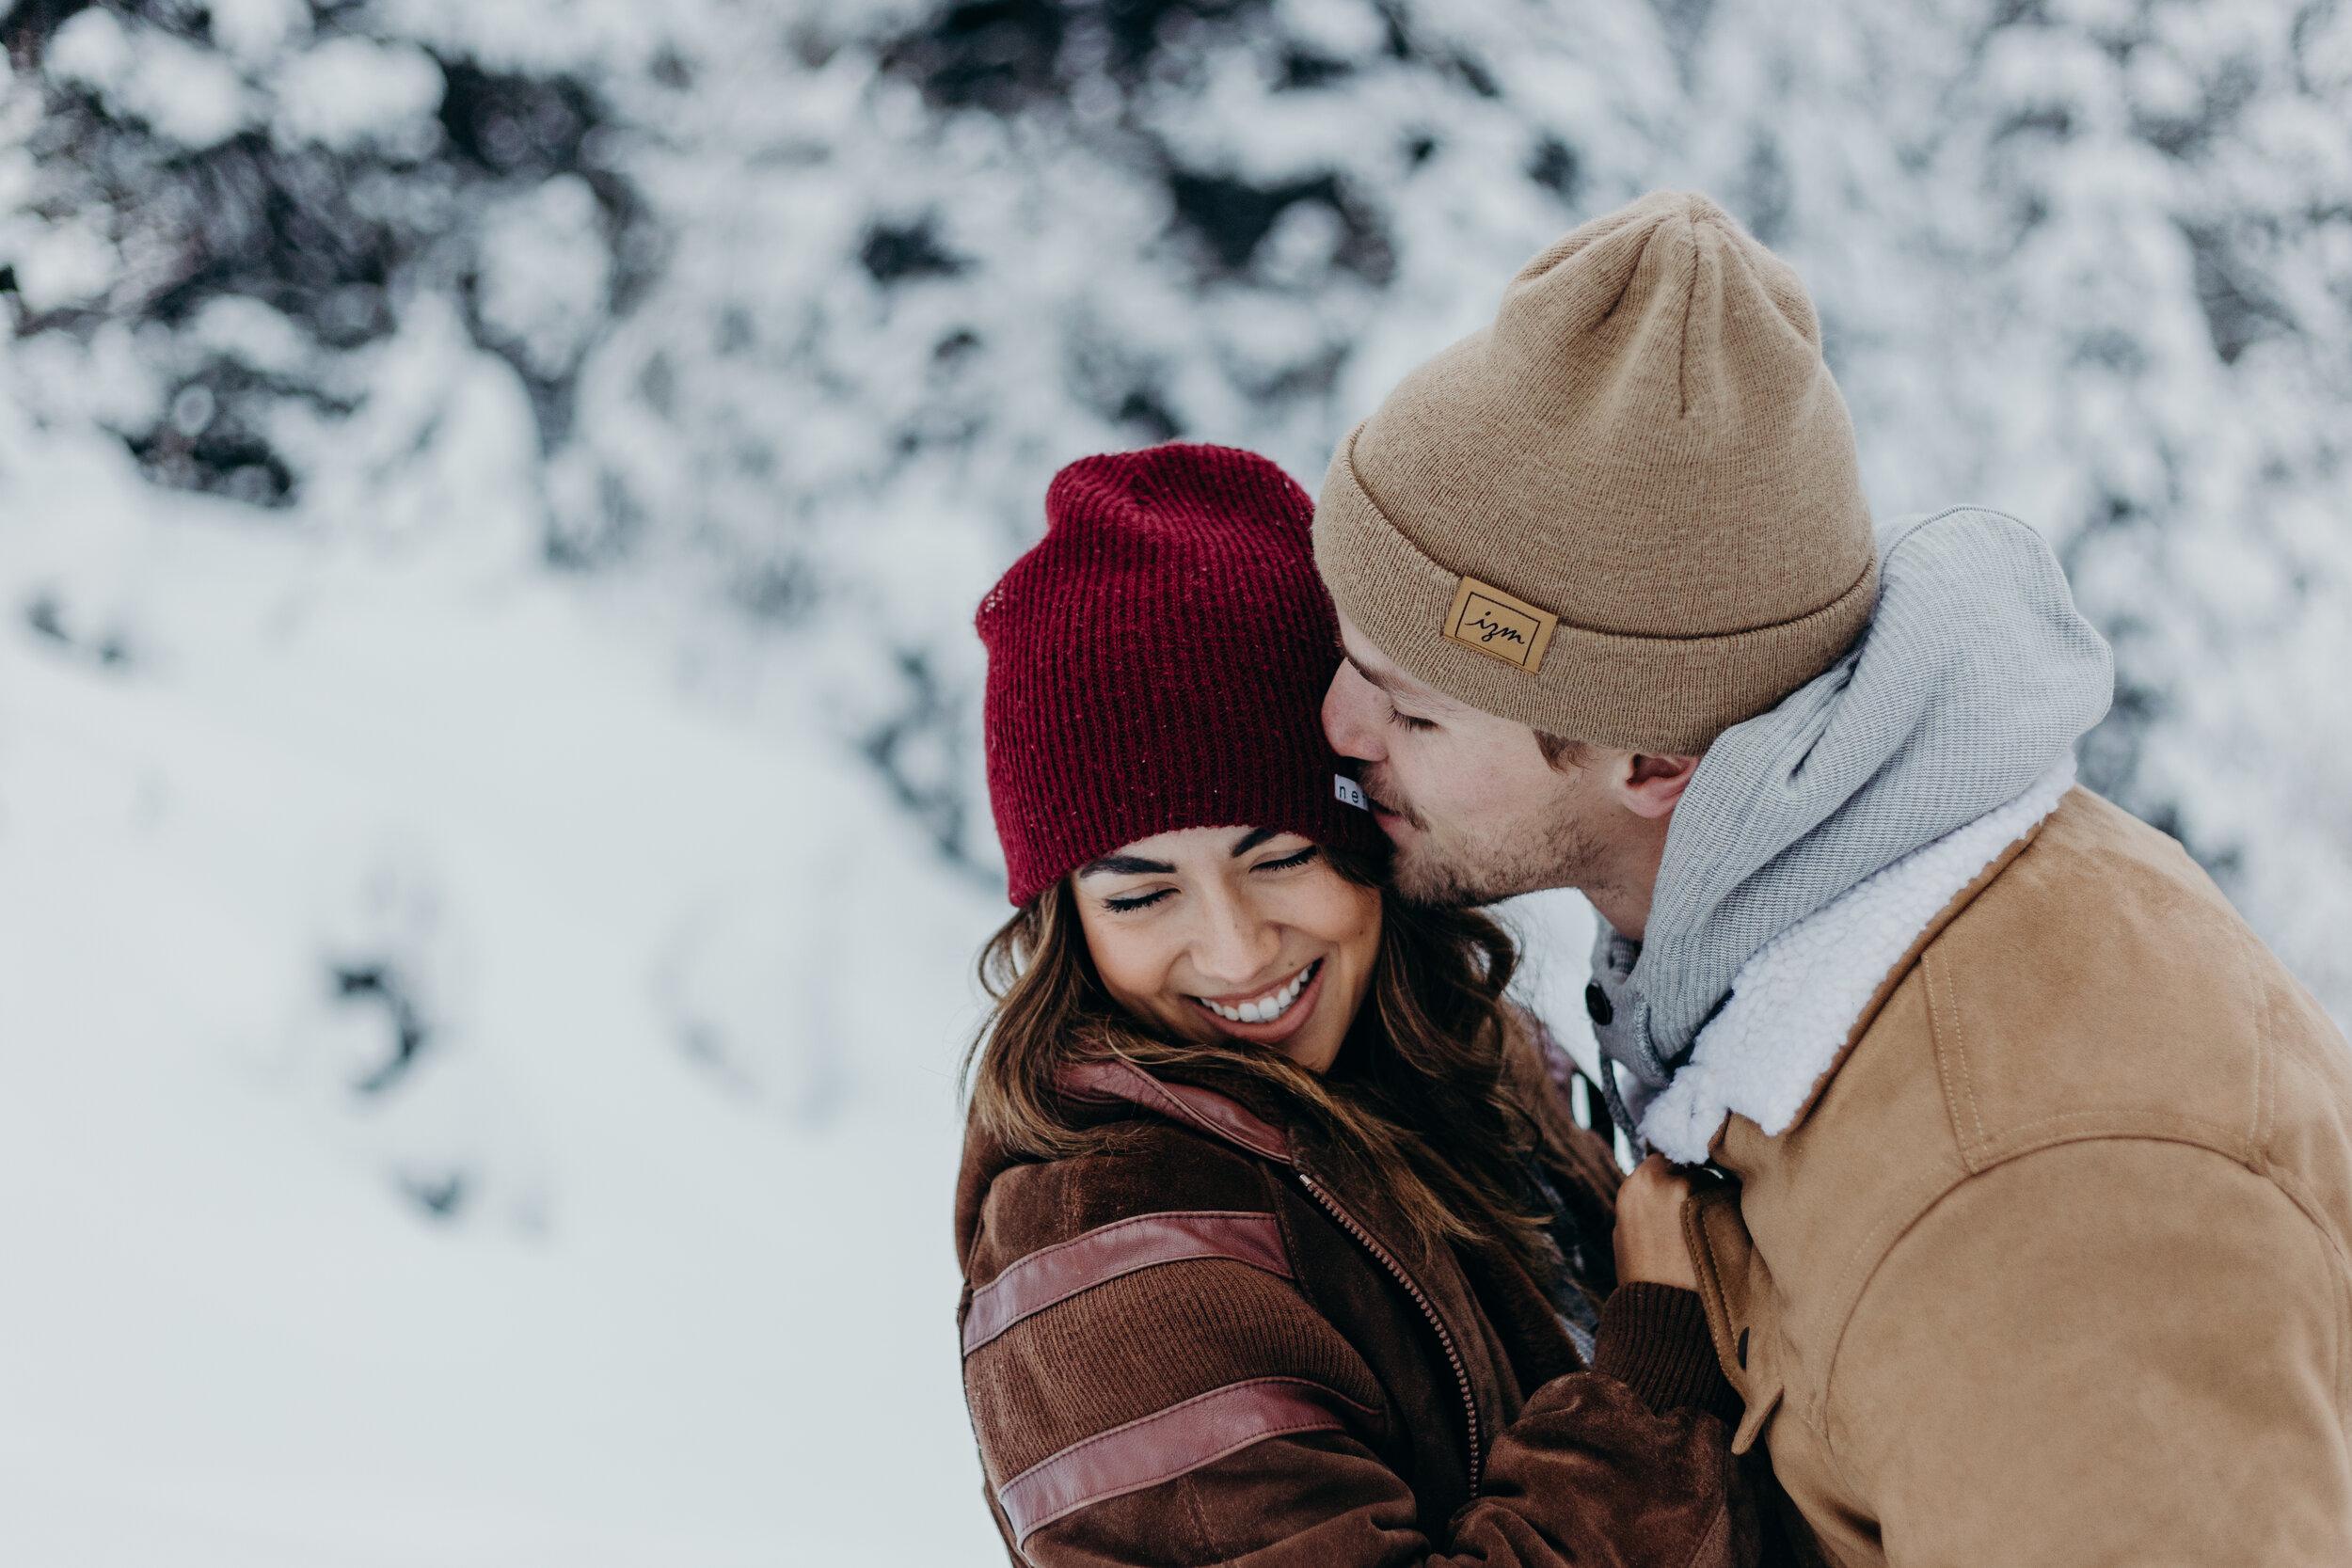 Stel op huwelijksreis in de sneeuw